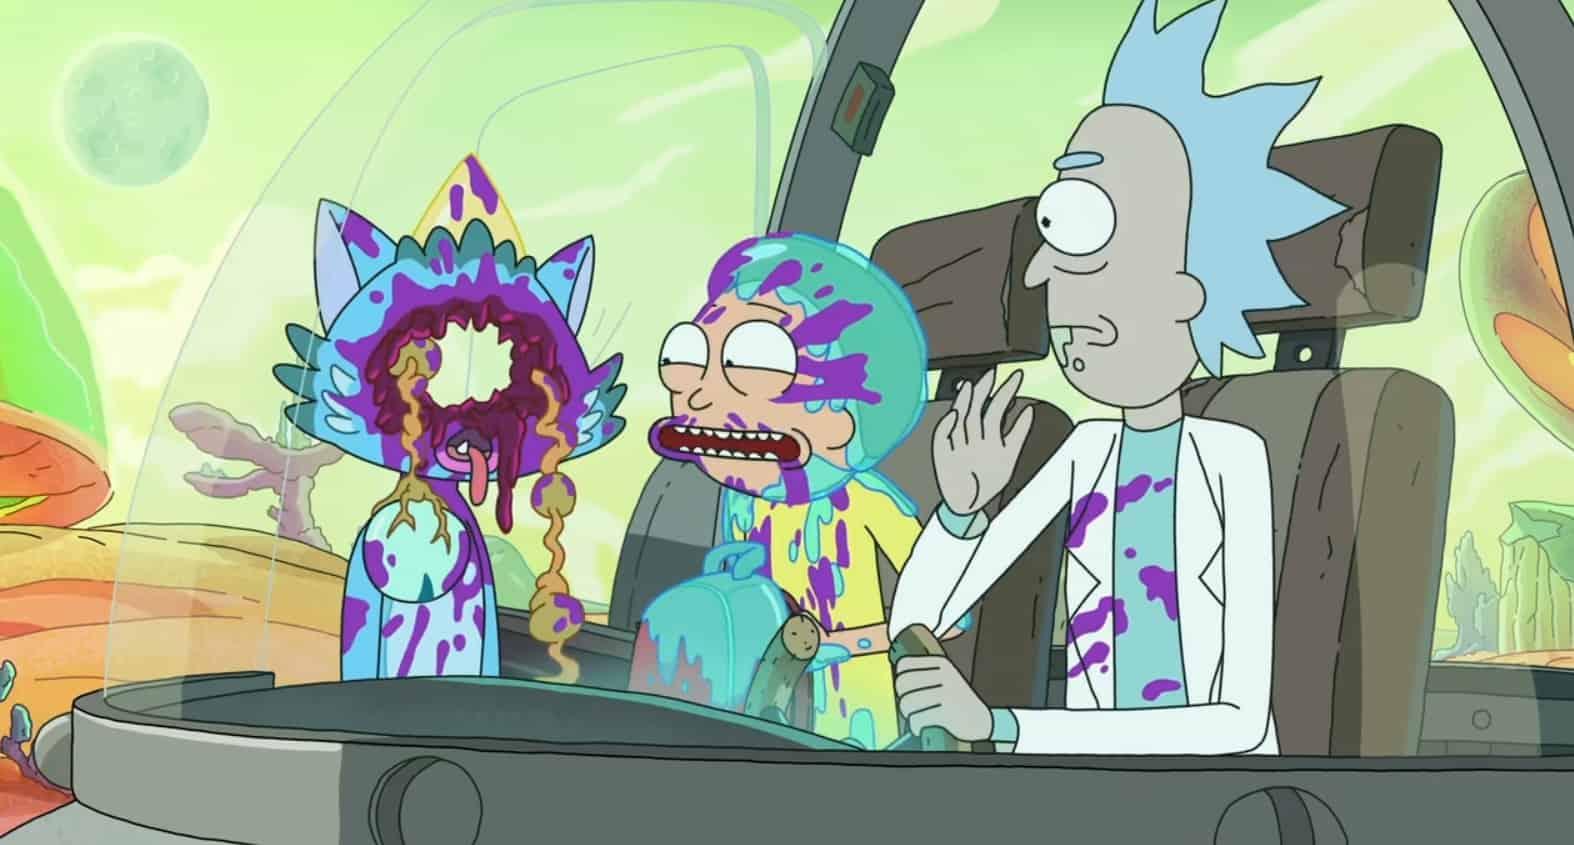 بررسی قسمت چهارم فصل چهارم Rick and Morty